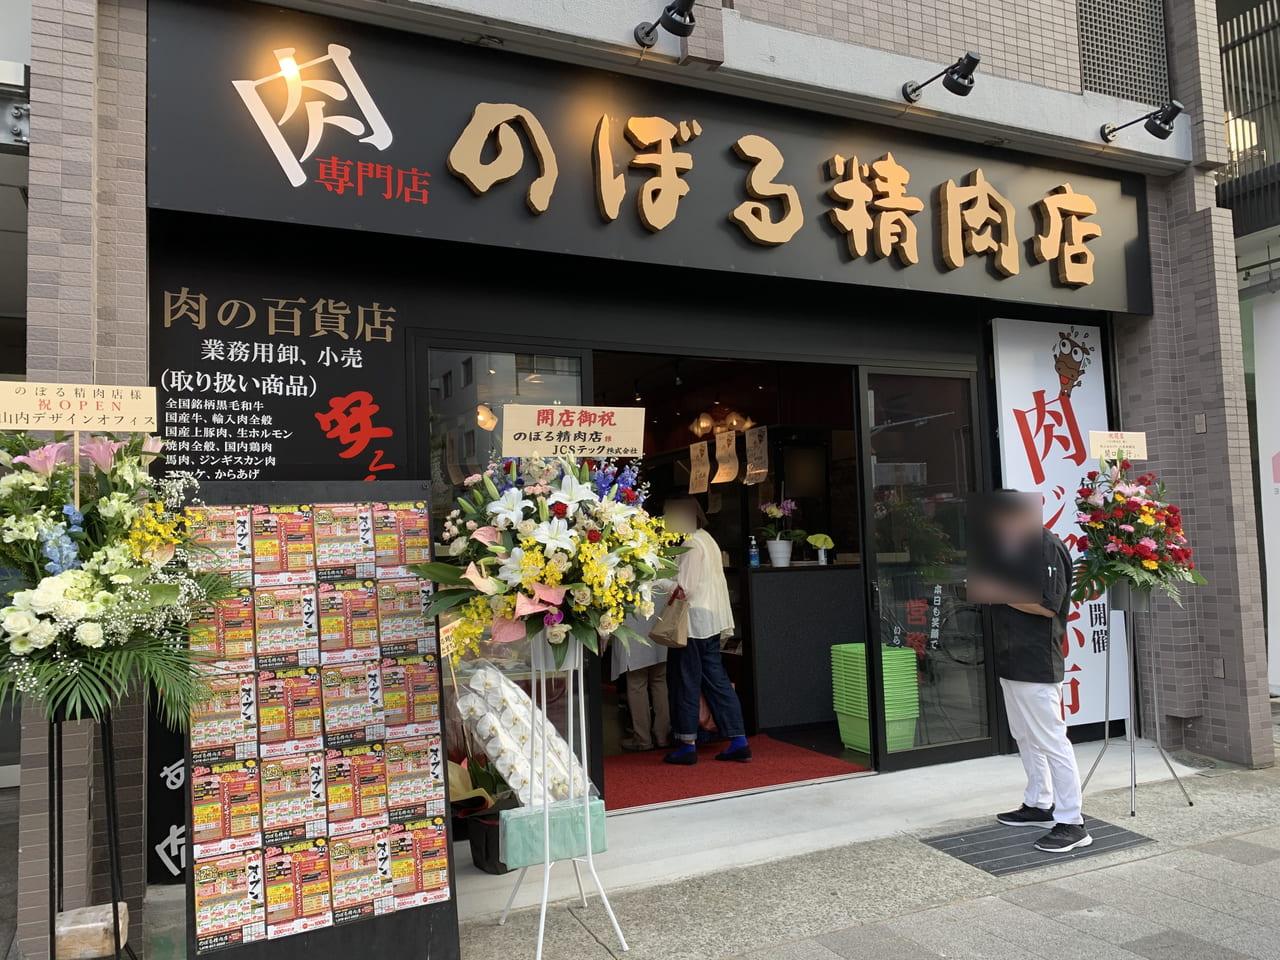 のぼる精肉店・六甲道